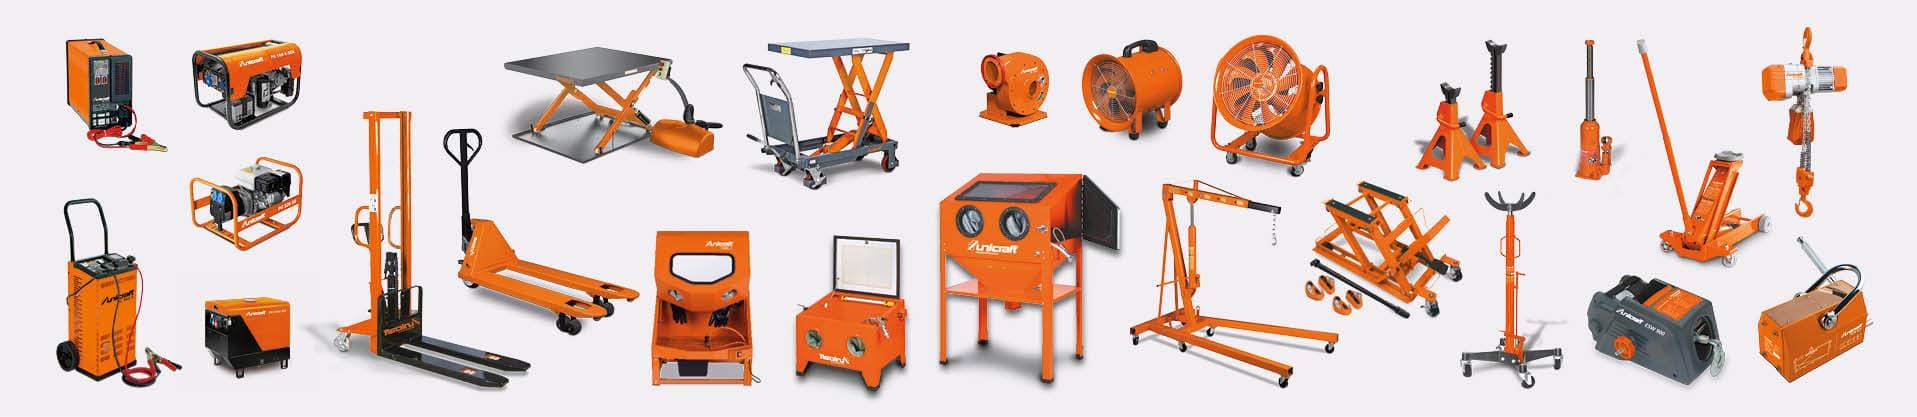 Equipement ateliers - Levage et manutention - Automotive